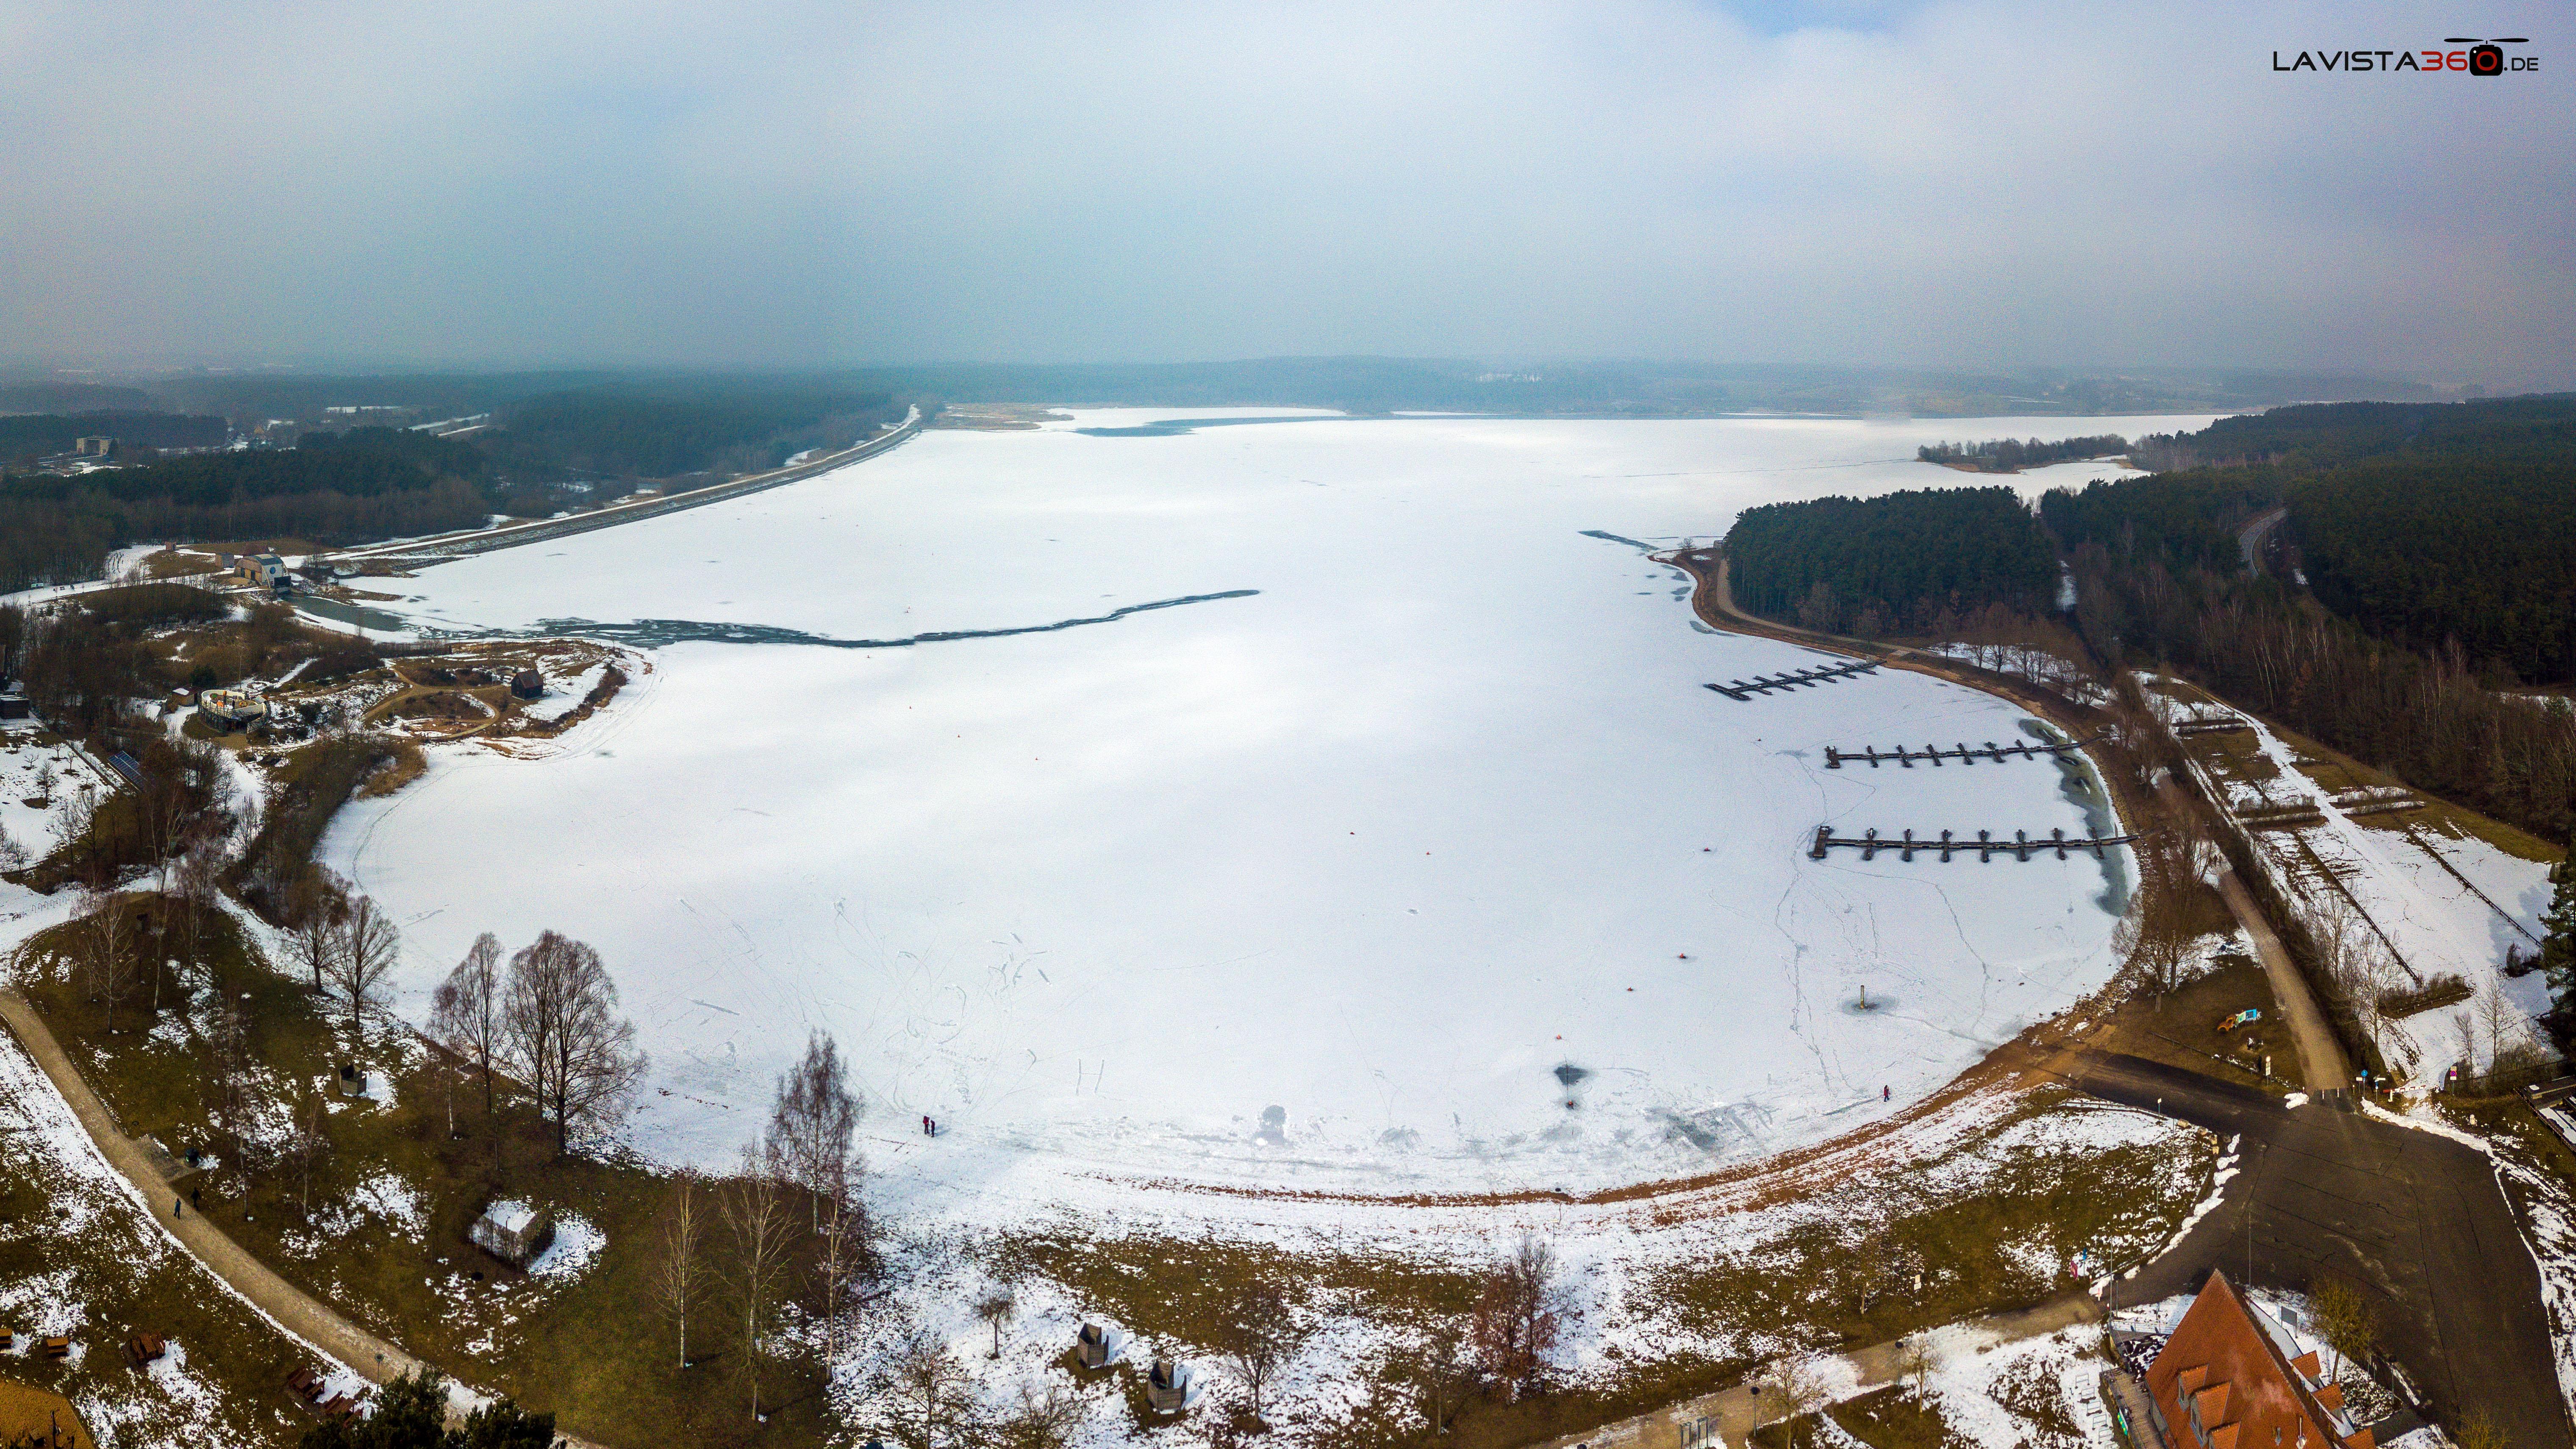 Panoarama Lufaufnahme Luftbild Rothsee im Winter